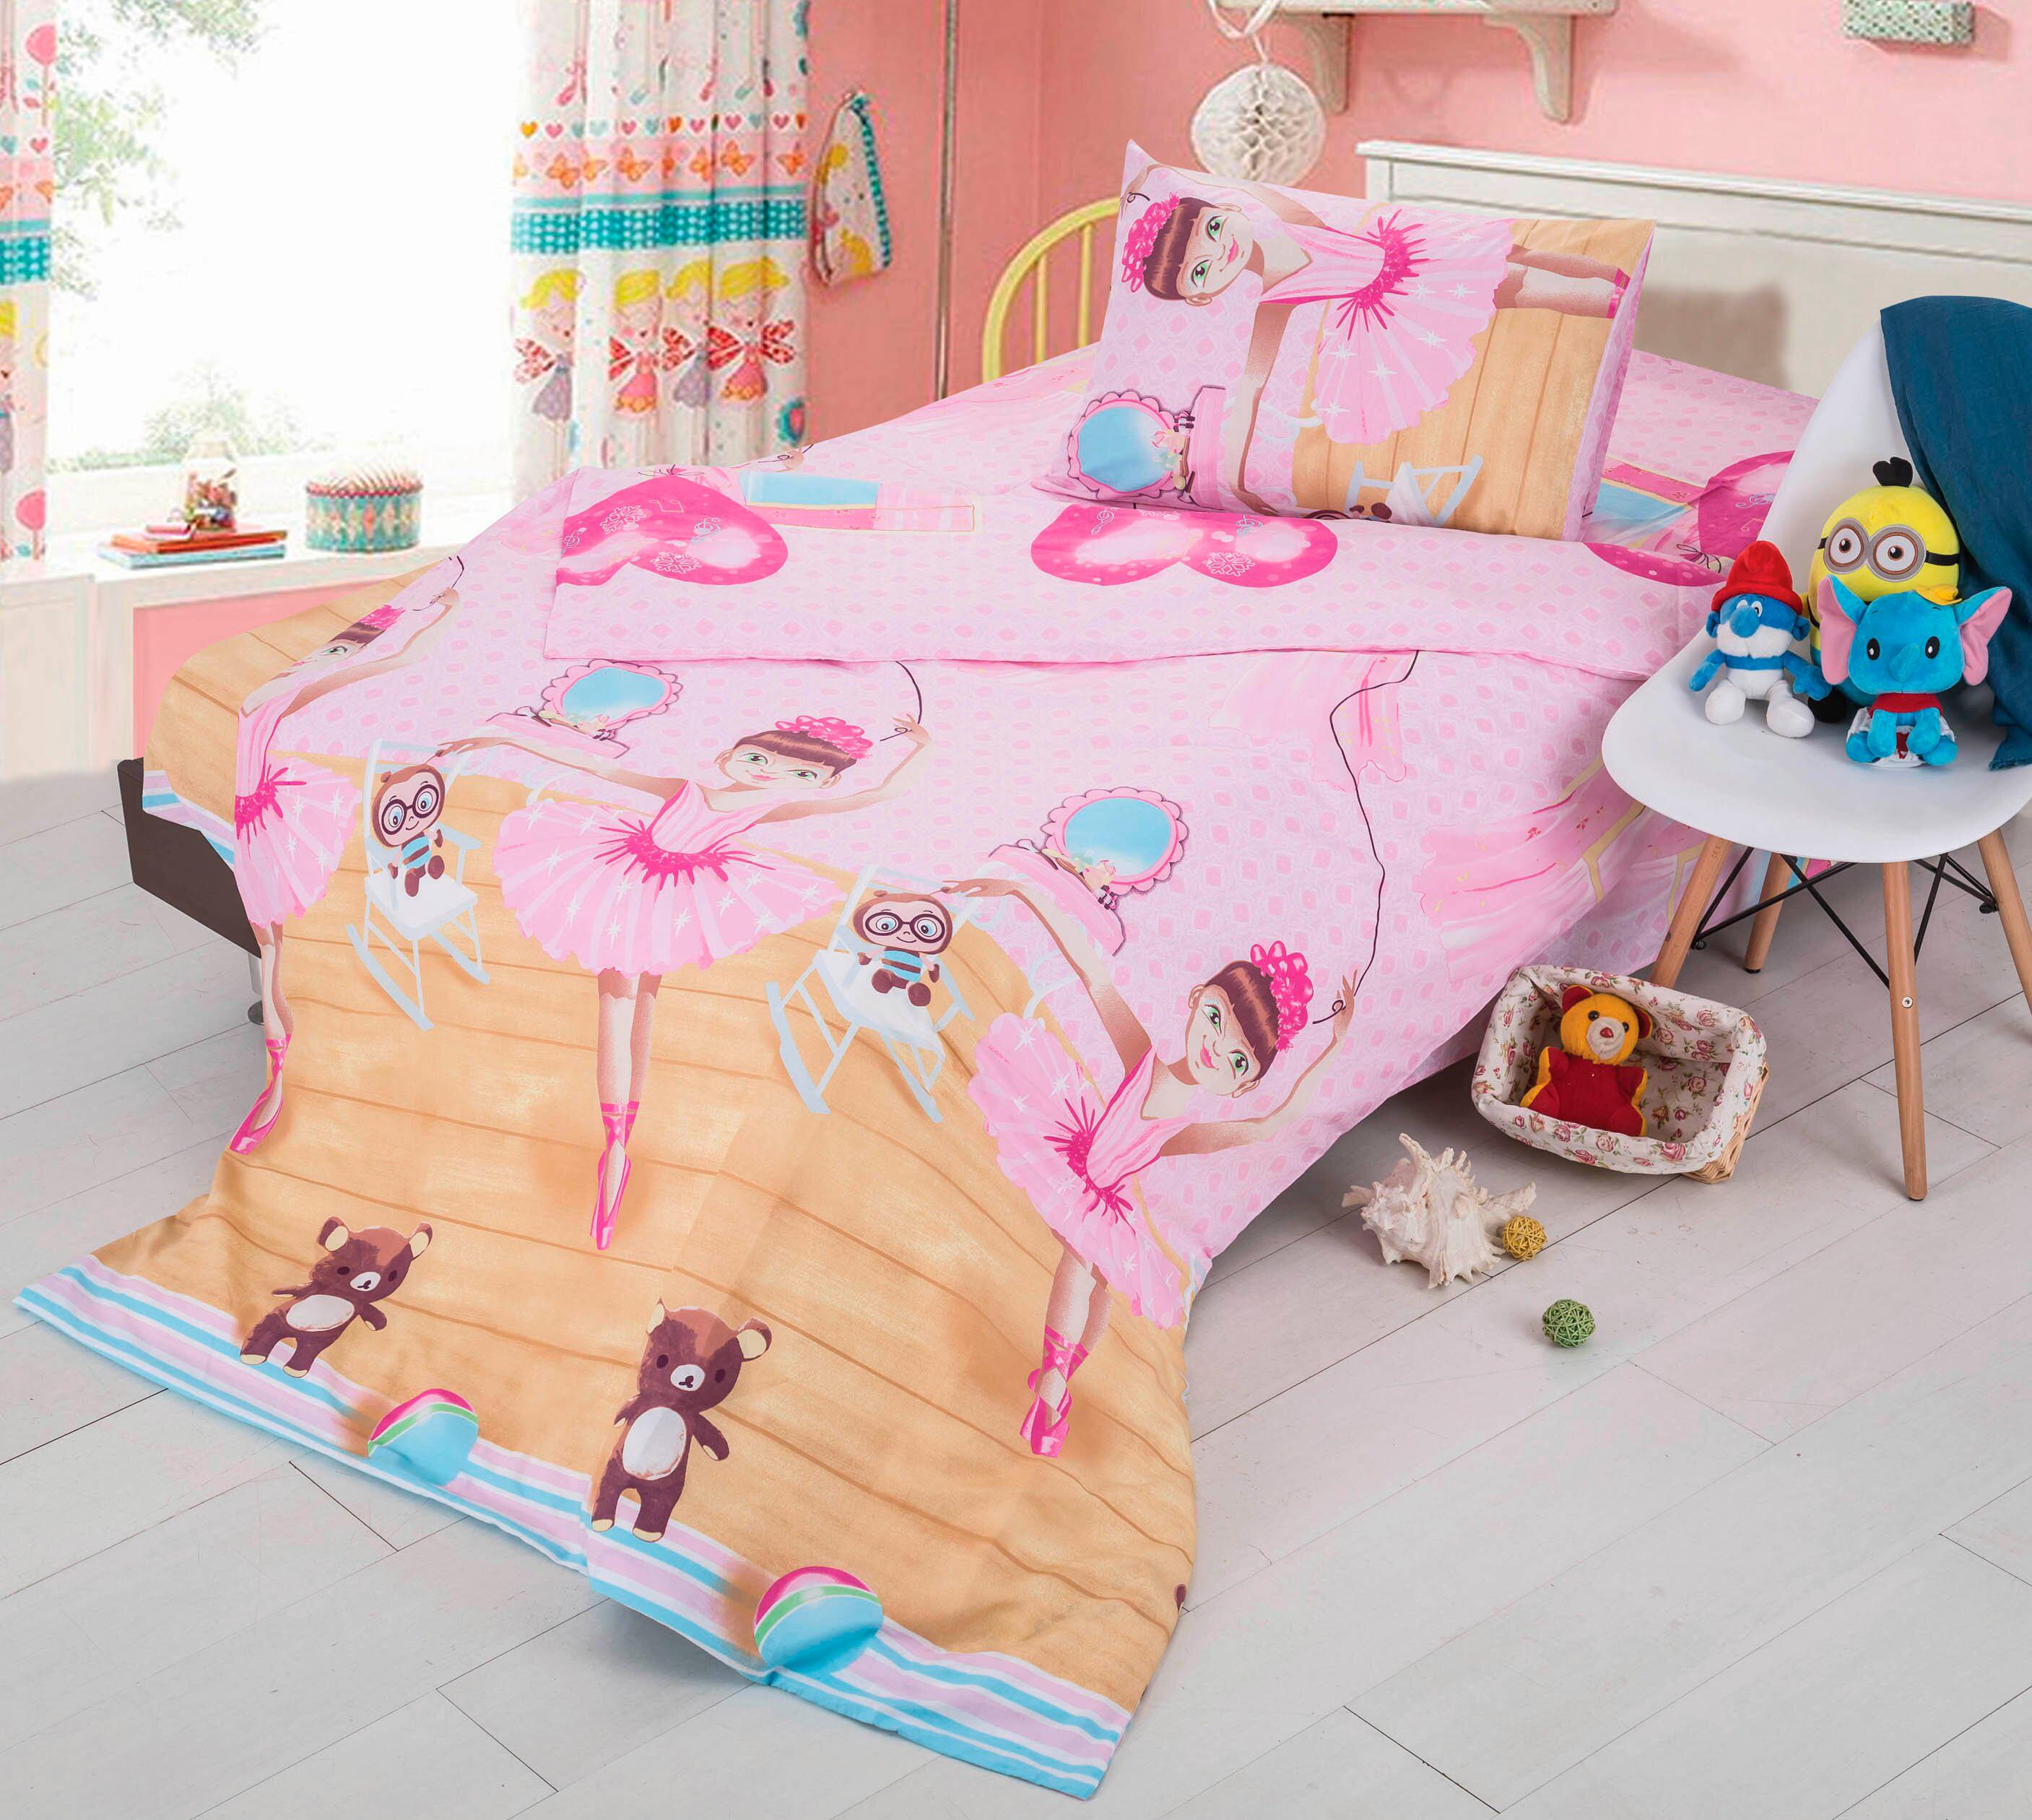 Купить Детское постельное белье СайлиД, Детское Постельное белье Balerina C-71 (150х210 см), Китай, Оранжевый, Розовый, Поплин